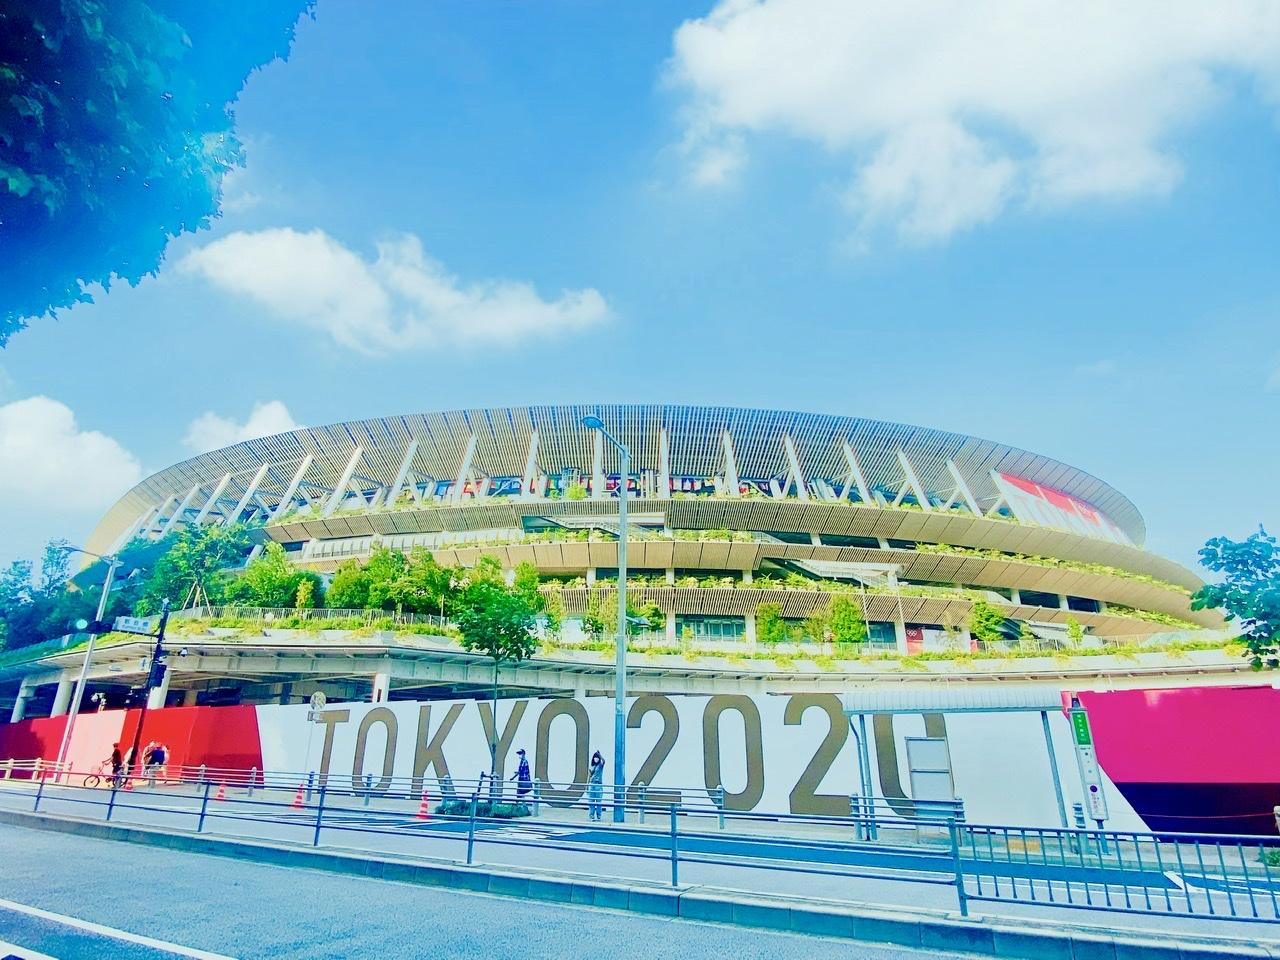 東京オリンピック 新国立競技場